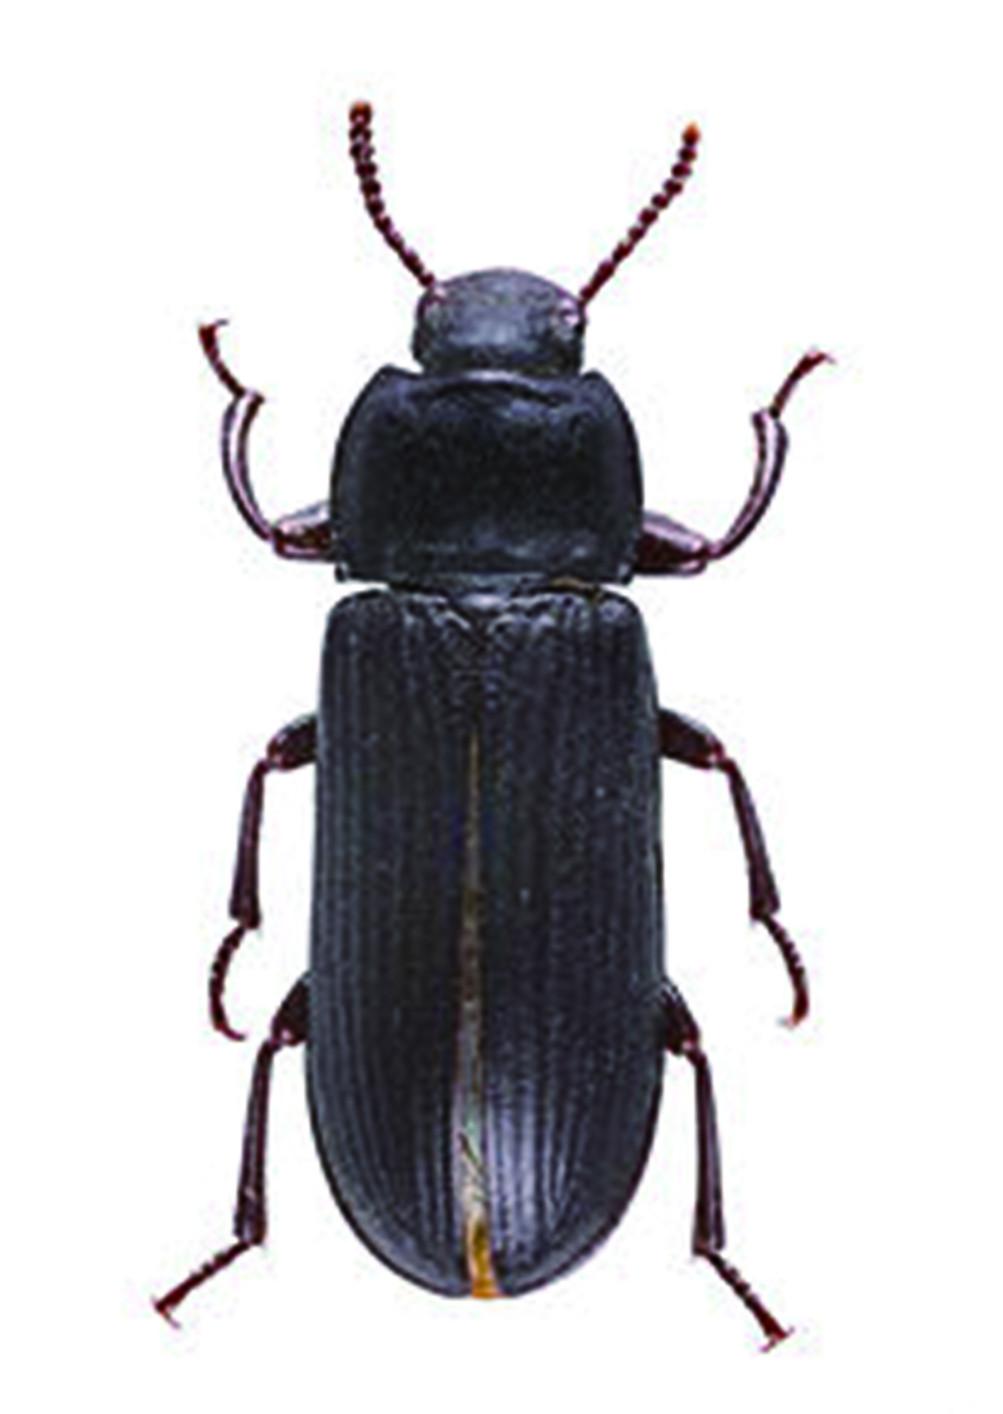 麵包蟲的幼蟲可能隨著腐食、麵粉類物品被帶入室內,成蟲也能經由門窗飛入室內,不消多久,就可能在室內看到許多小甲蟲到處爬行,偶爾四處飛行,置之不理的話,很快就會越來越多,蔓延到家中各個角落。